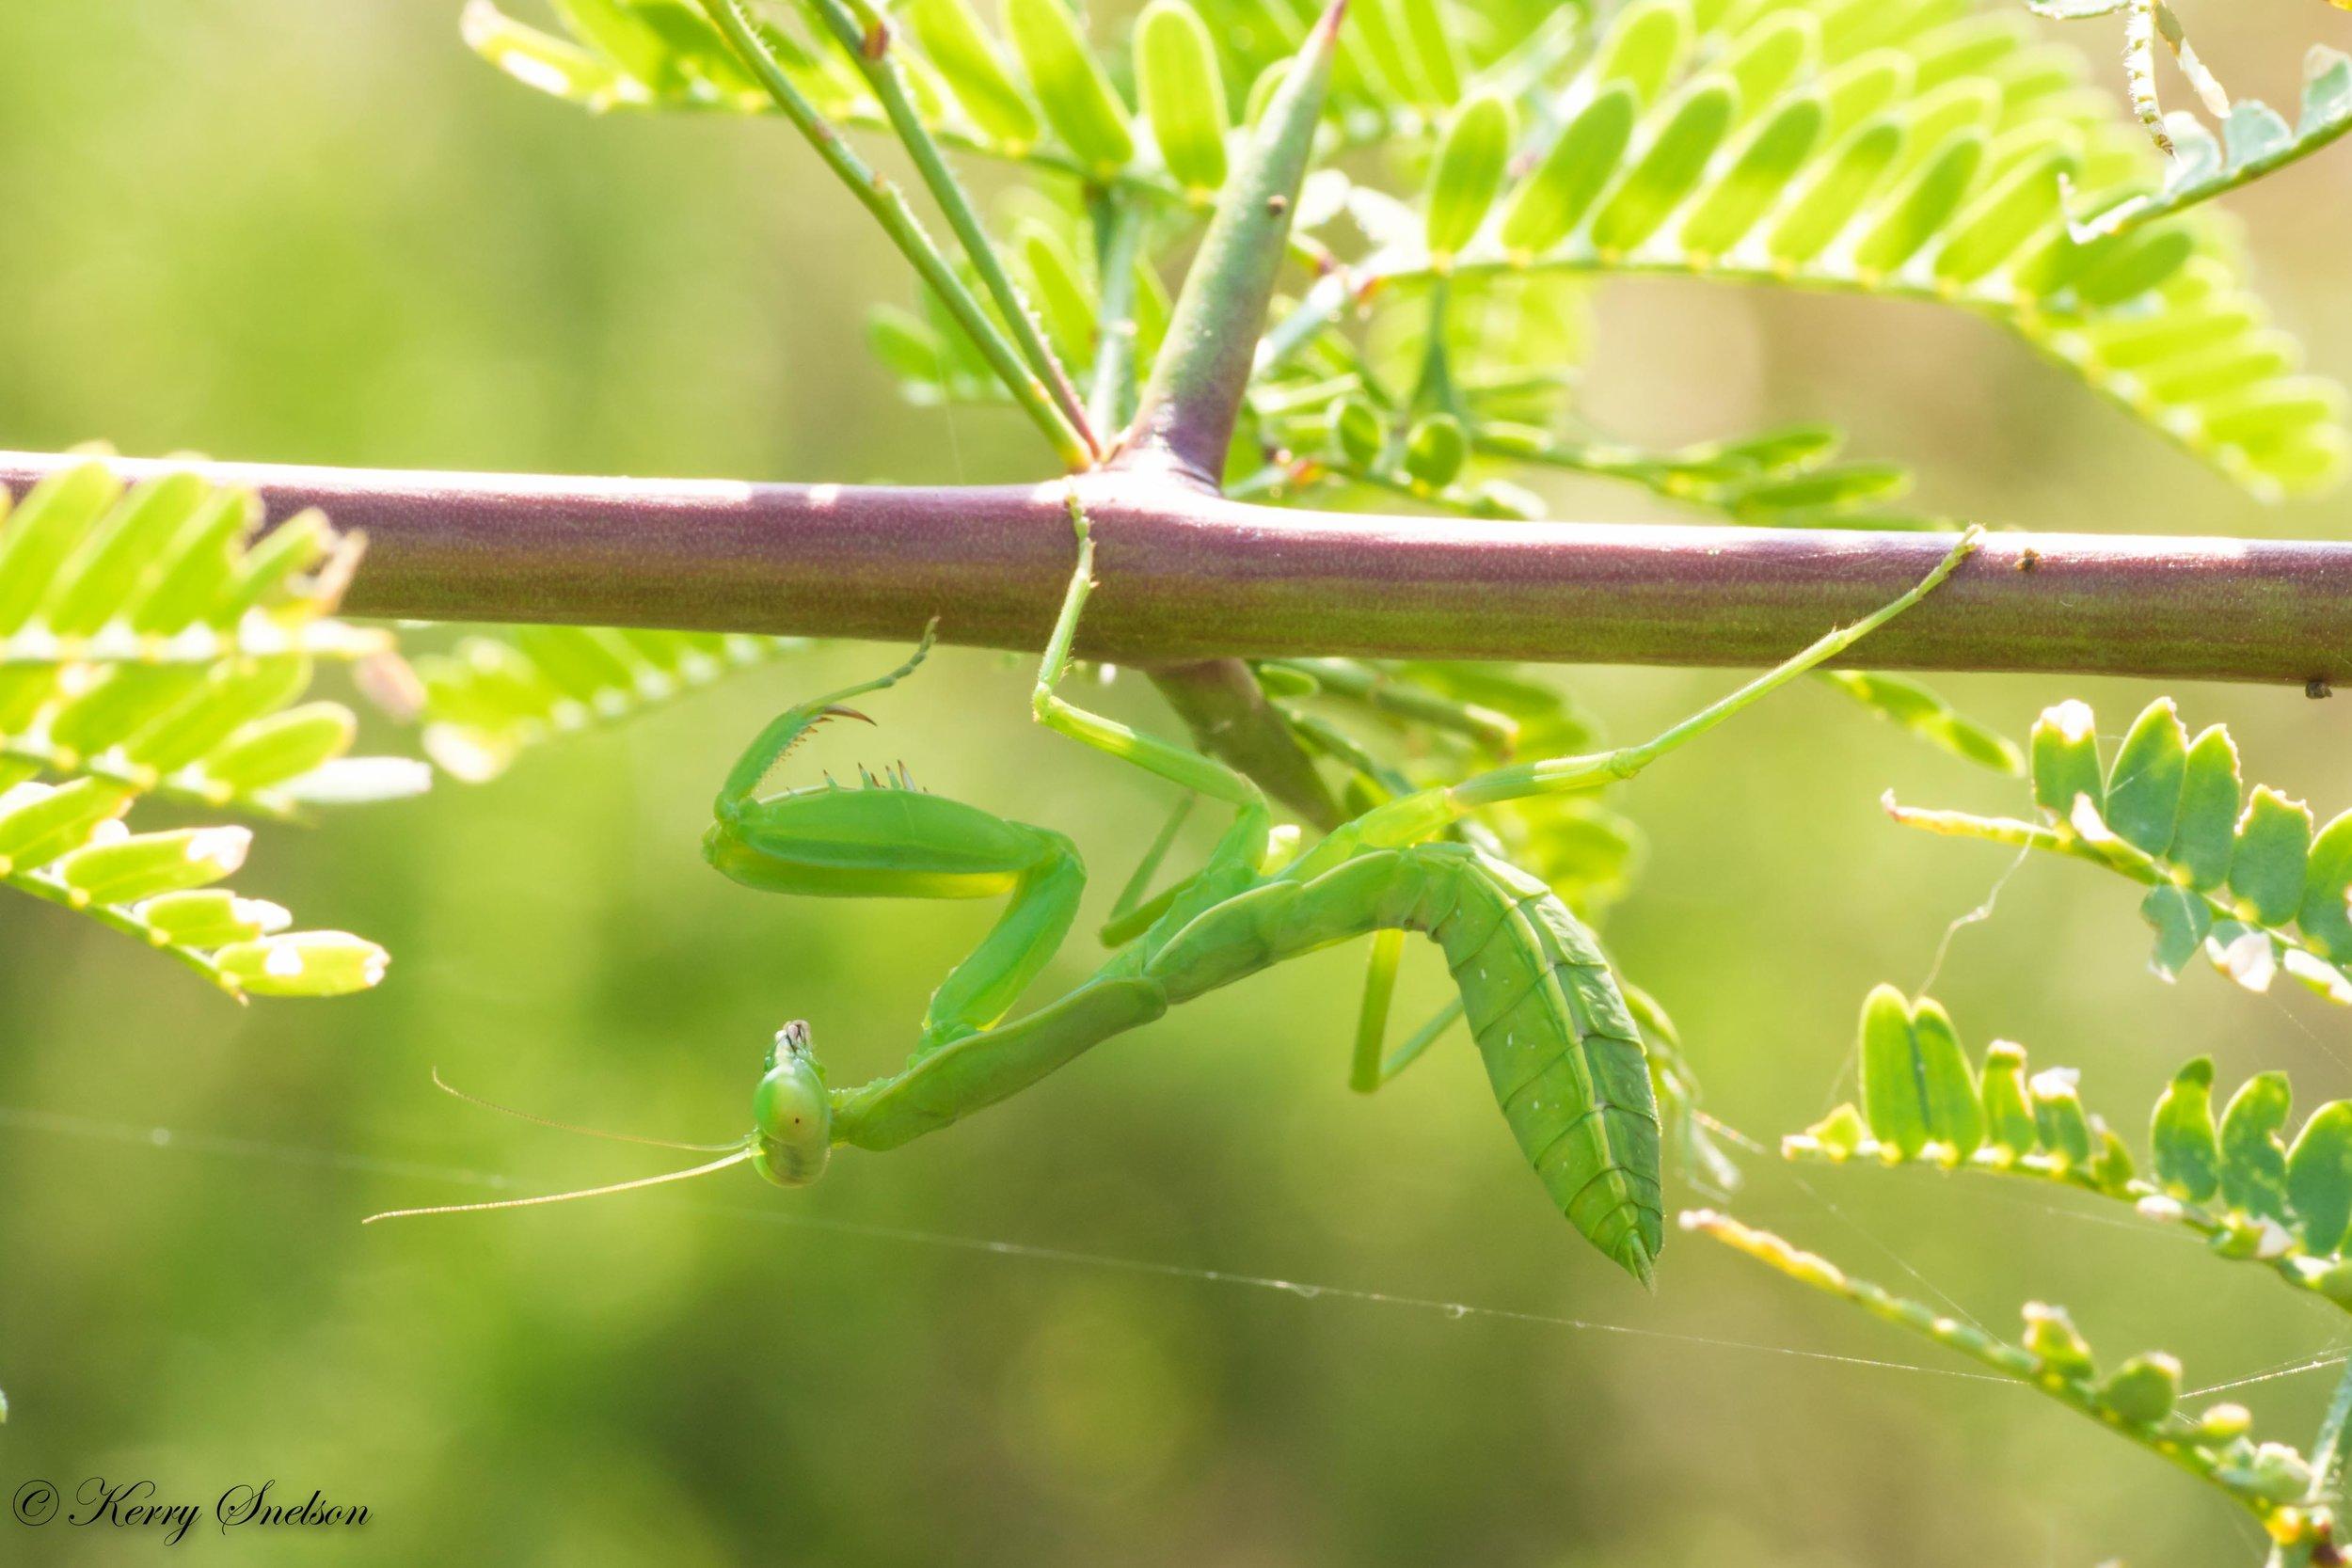 Praying Mantis Hanging from a Branch